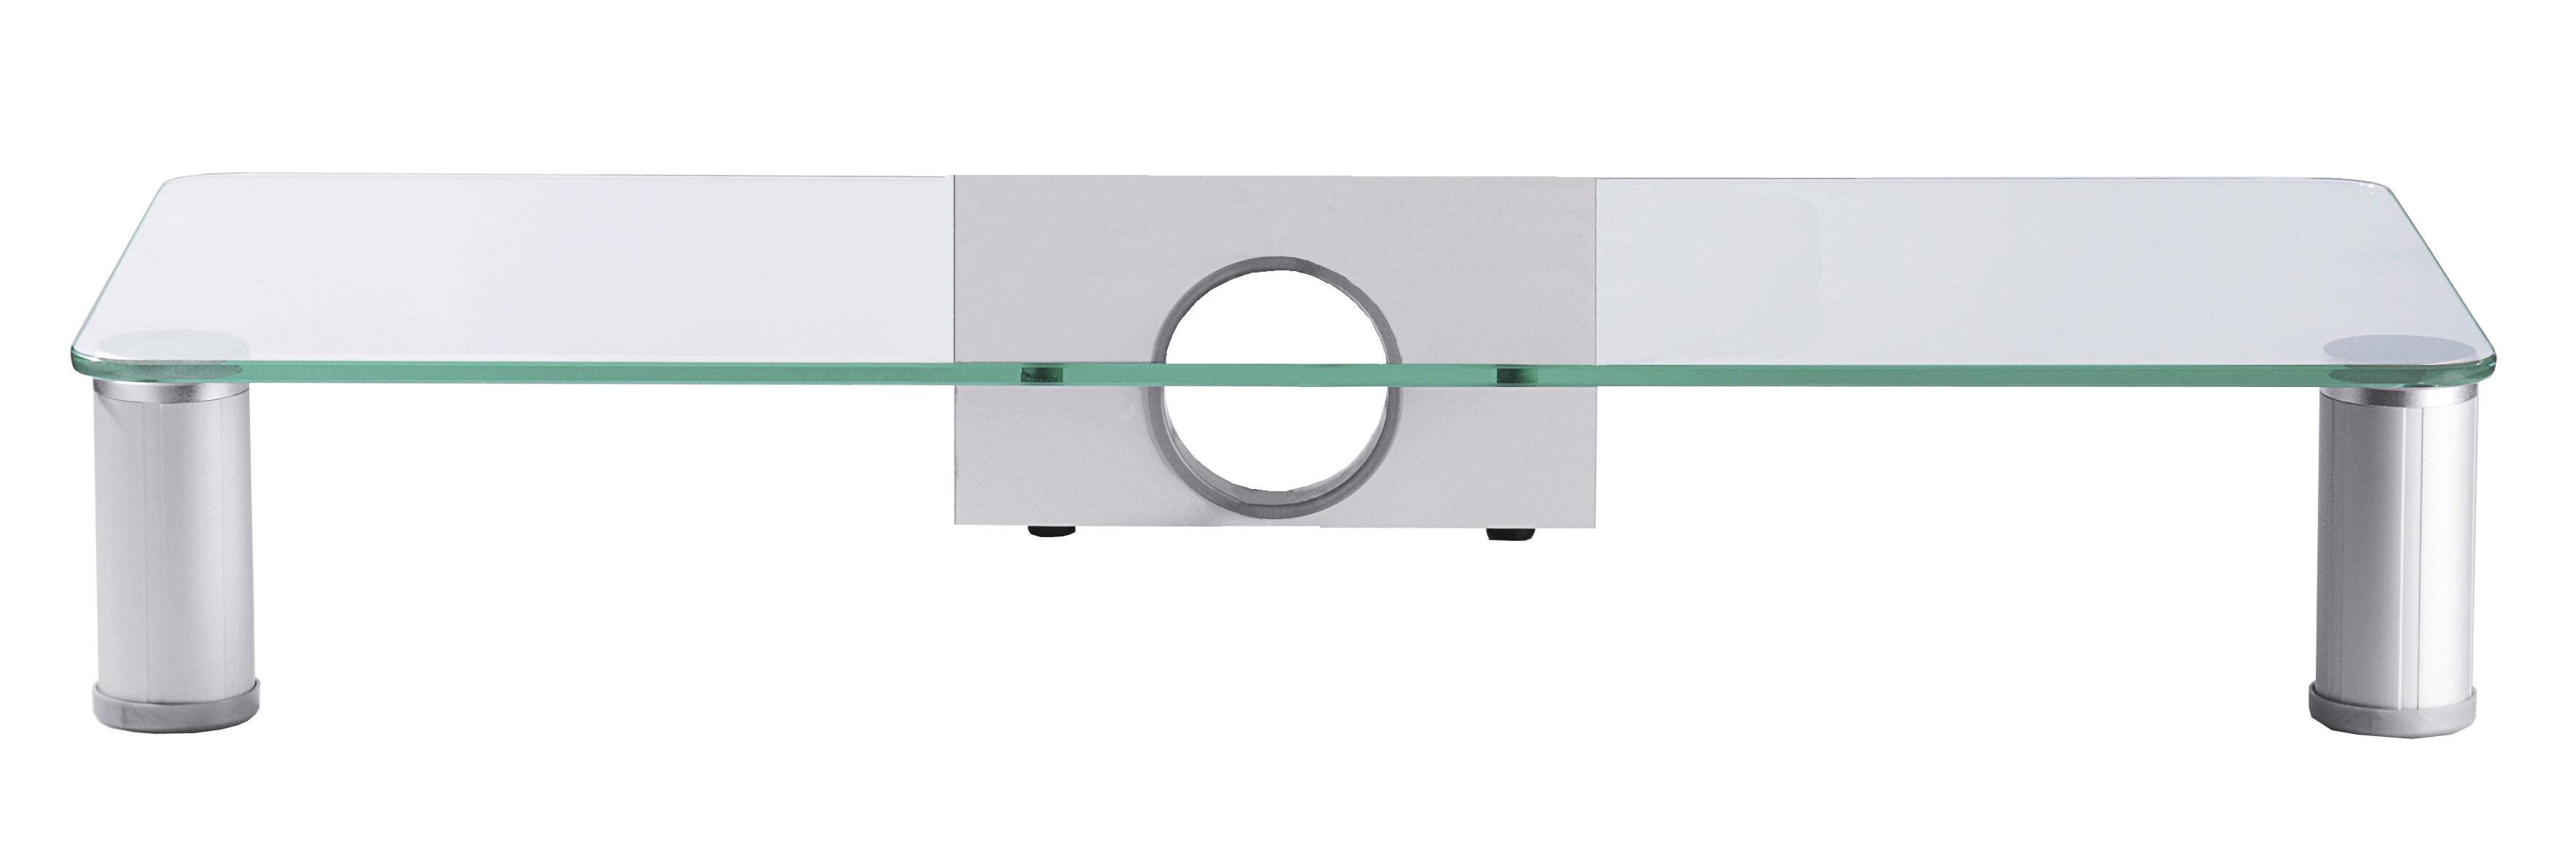 Parco TV-Møbel ,opsatshylde glas, sølvfarvet, klarglas.